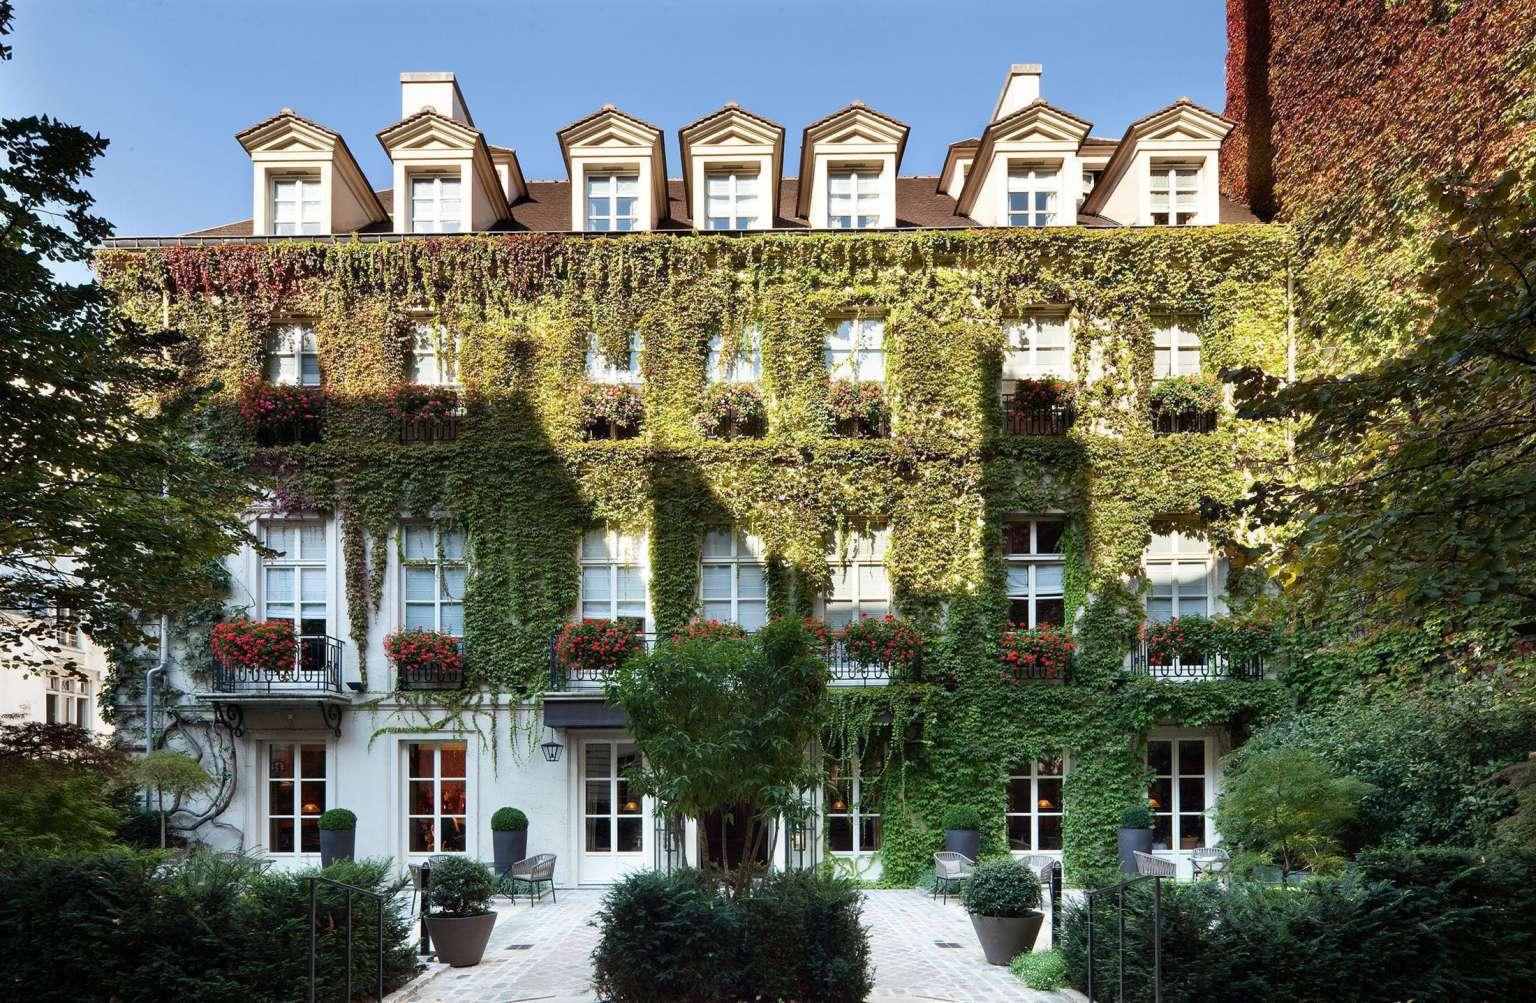 Pavillon_de_la_Reine_facade